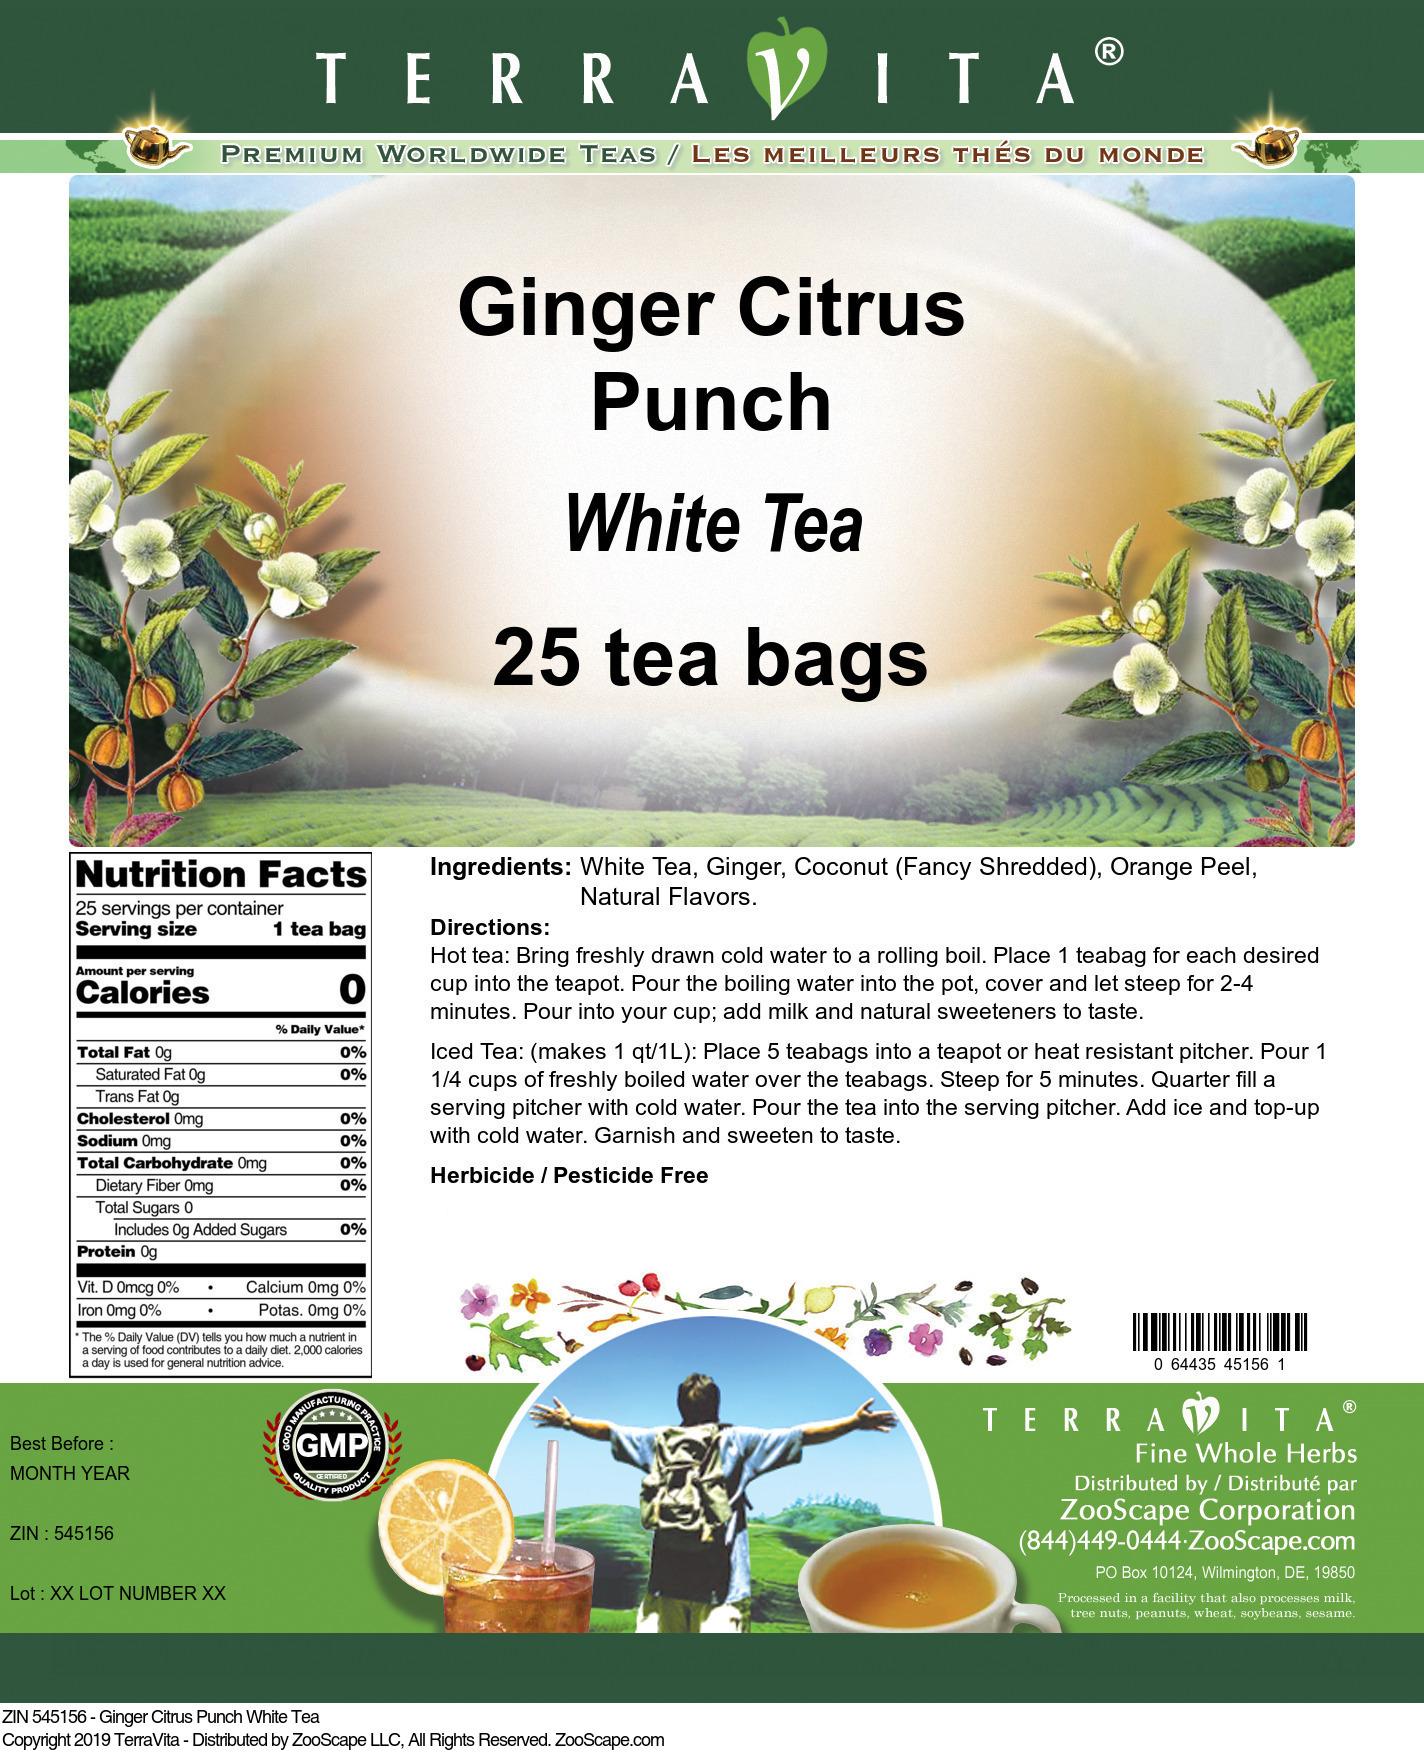 Ginger Citrus Punch White Tea